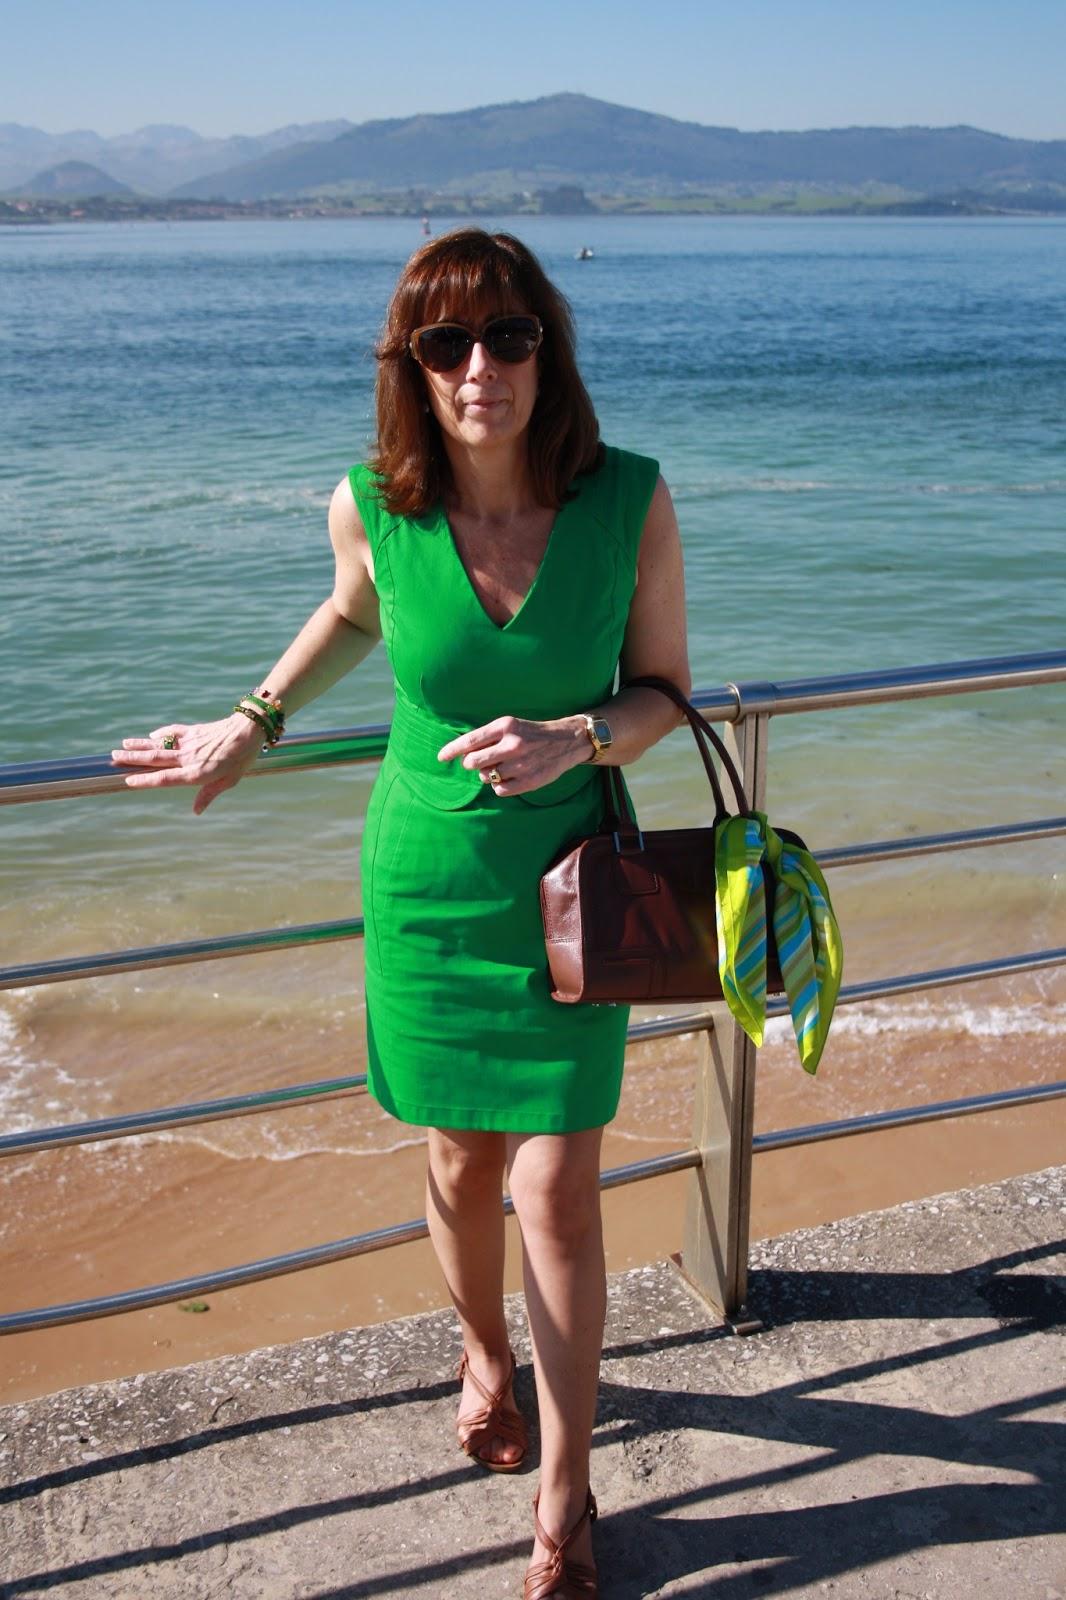 Br jula de estilo mis looks vestido verde - Brujula de estilo ...